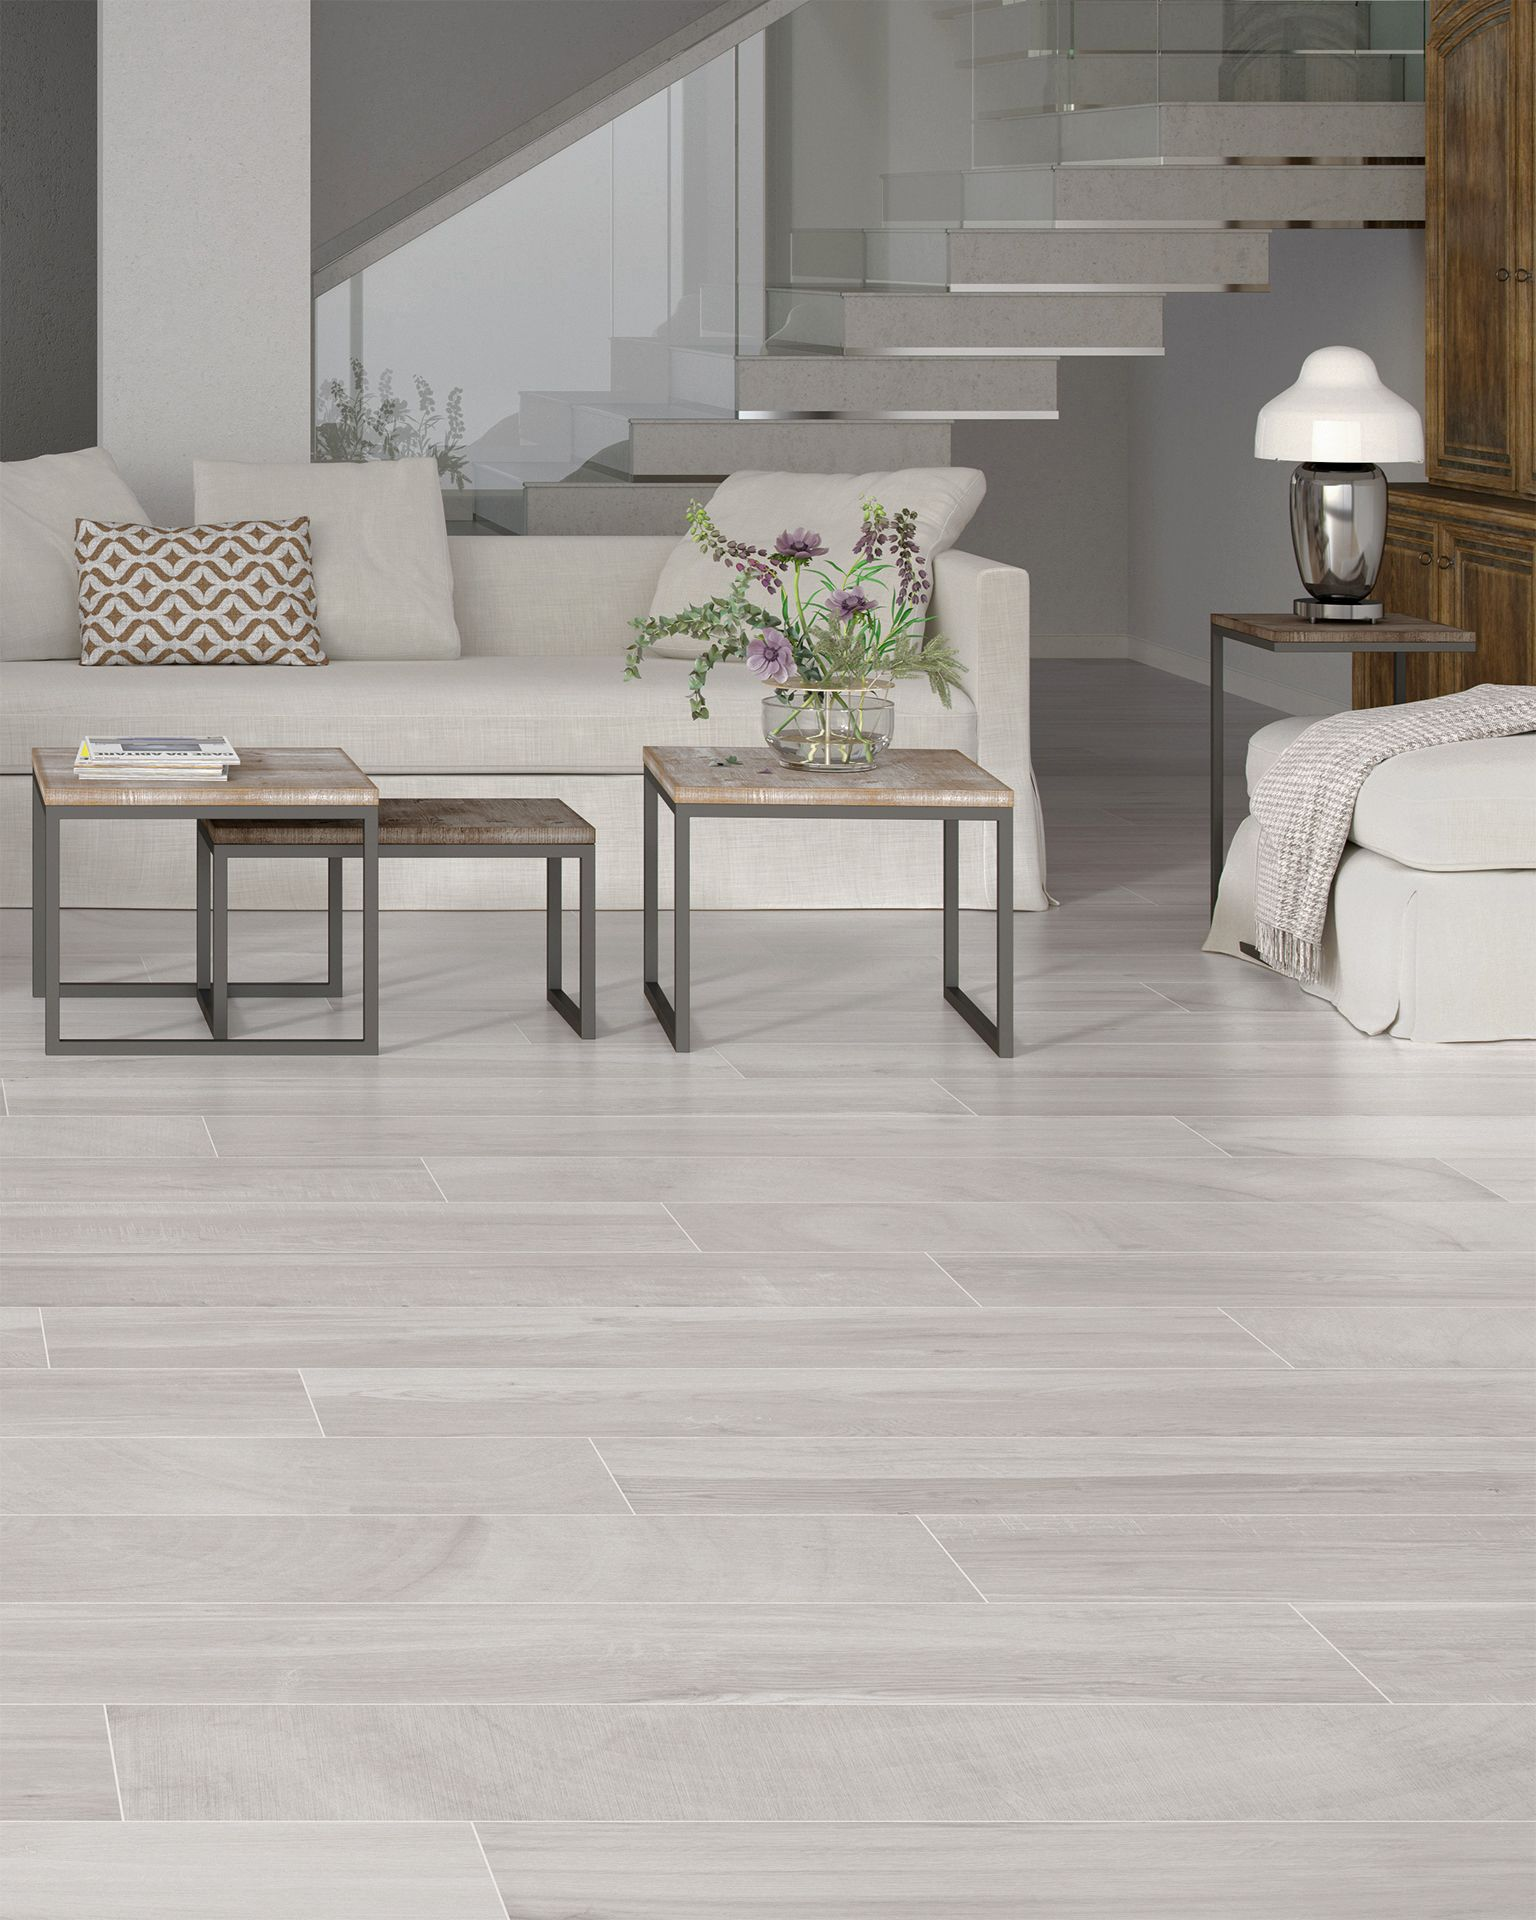 Keln Taupe 9 X 48 Porcelain Wood Look Tile In 2020 Wood Look